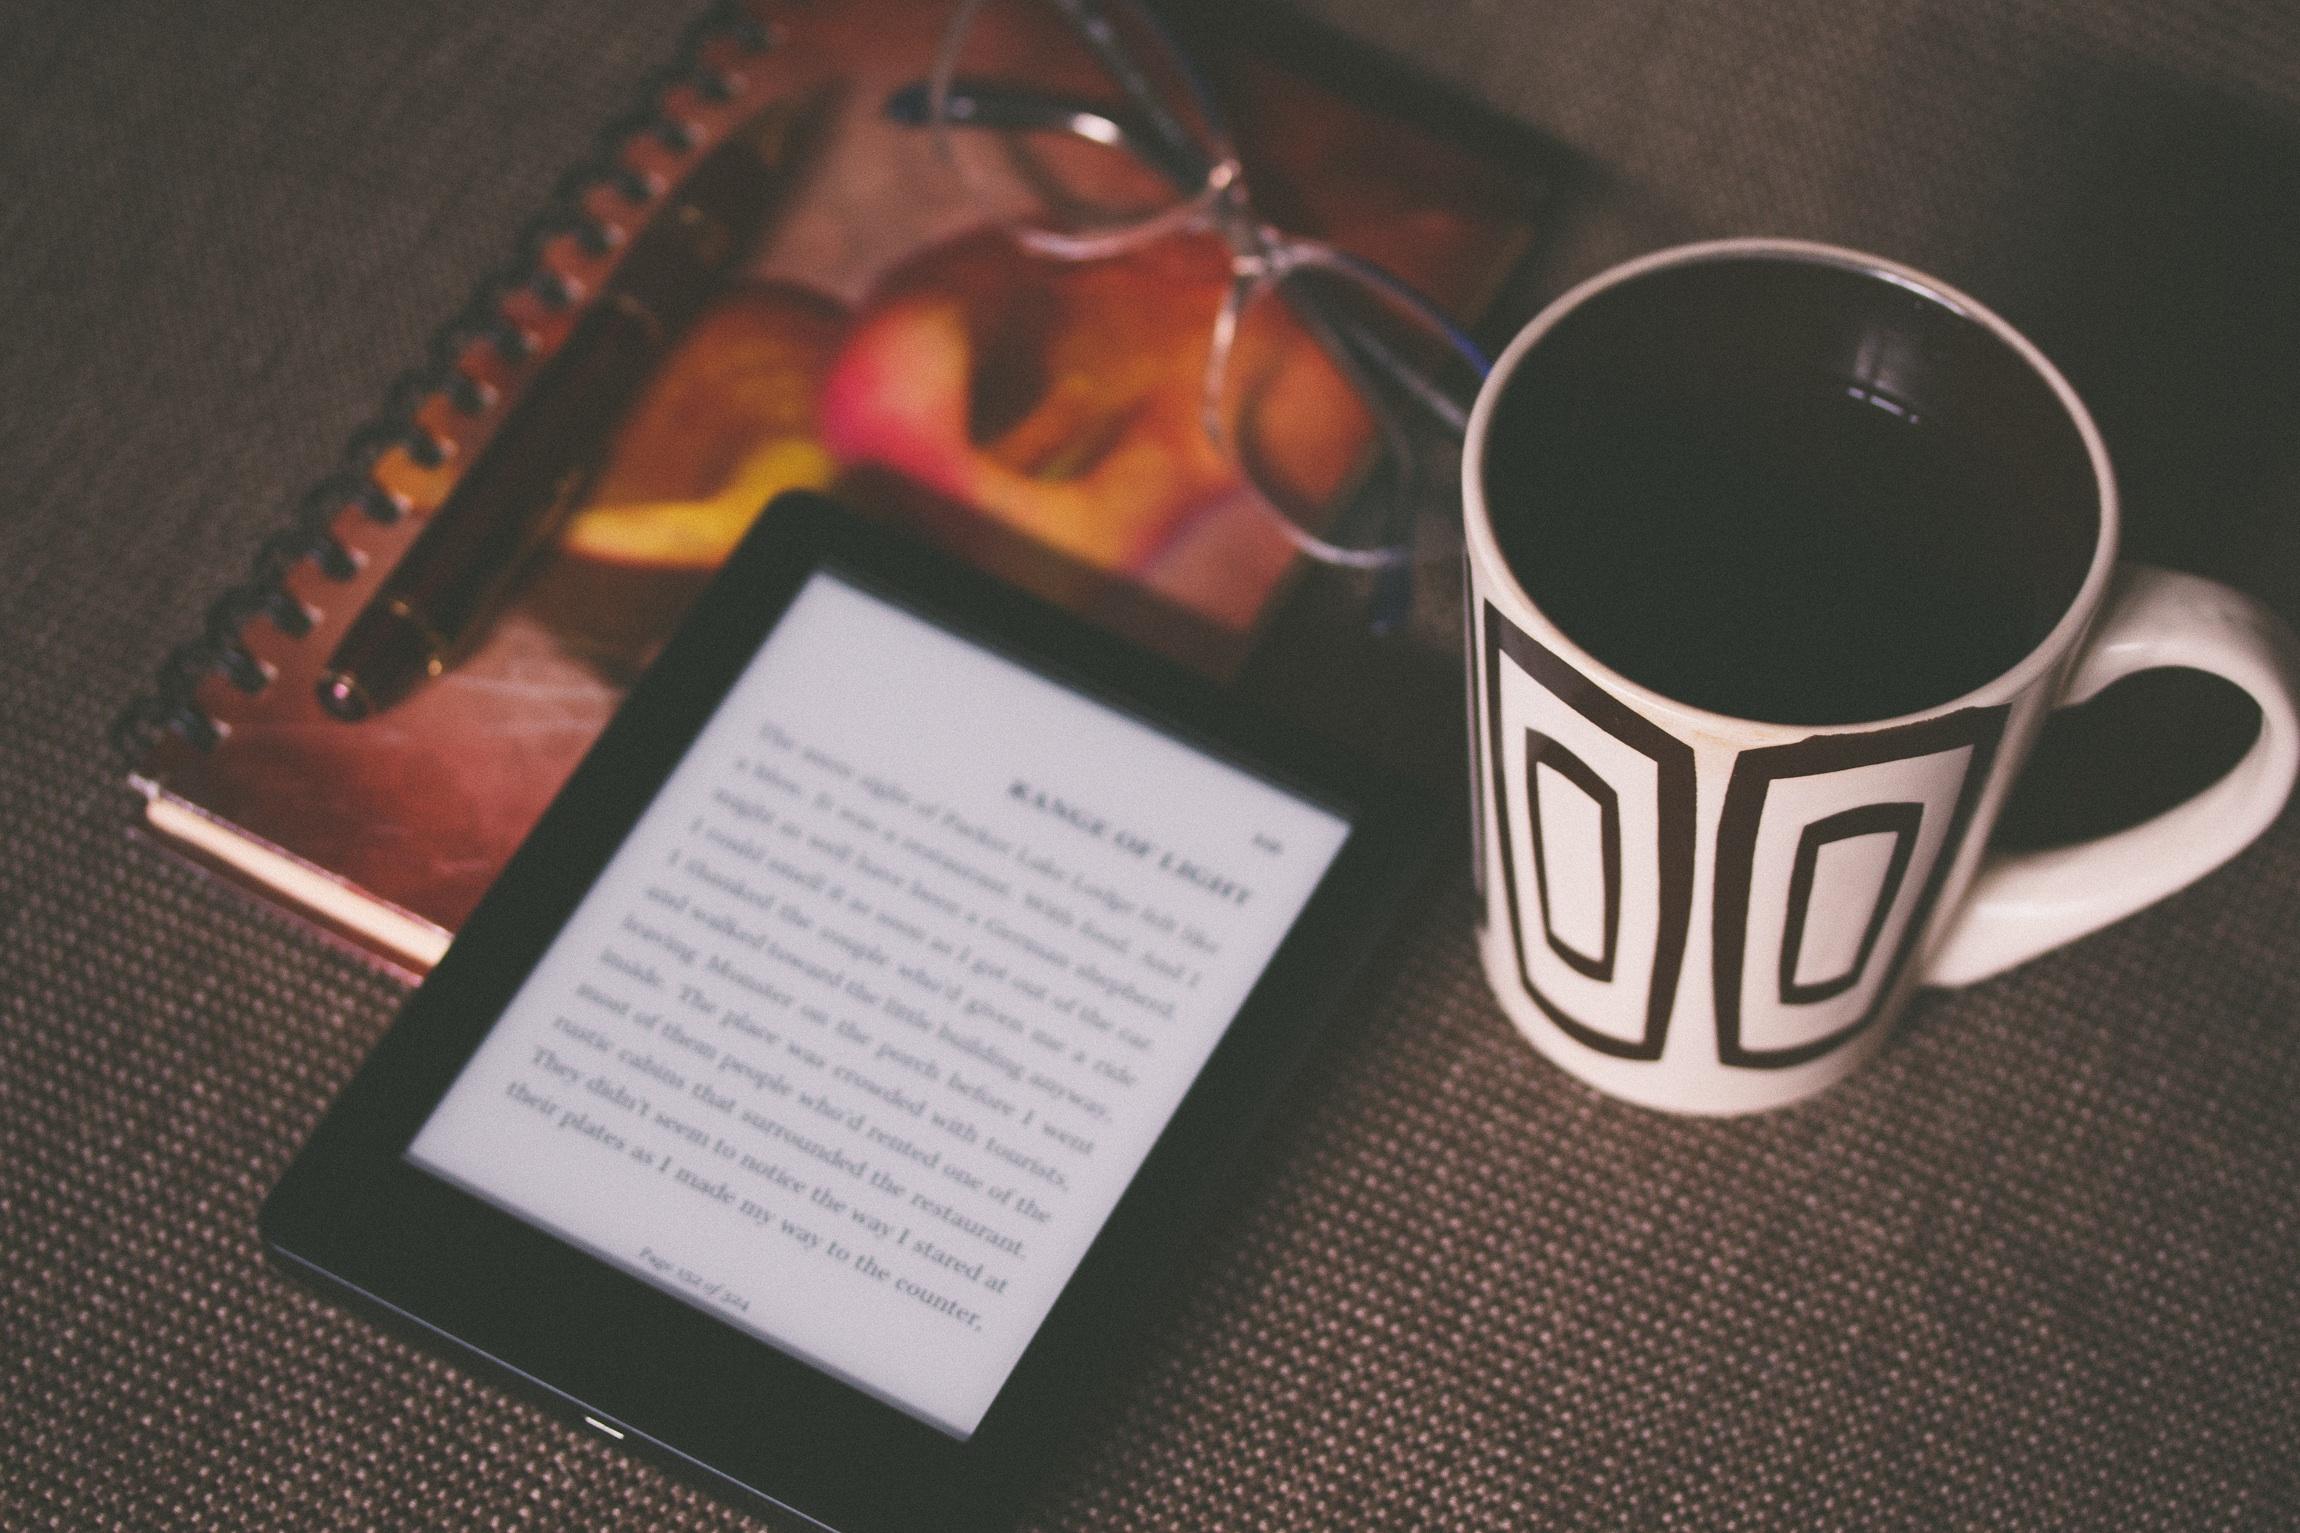 e-book life story